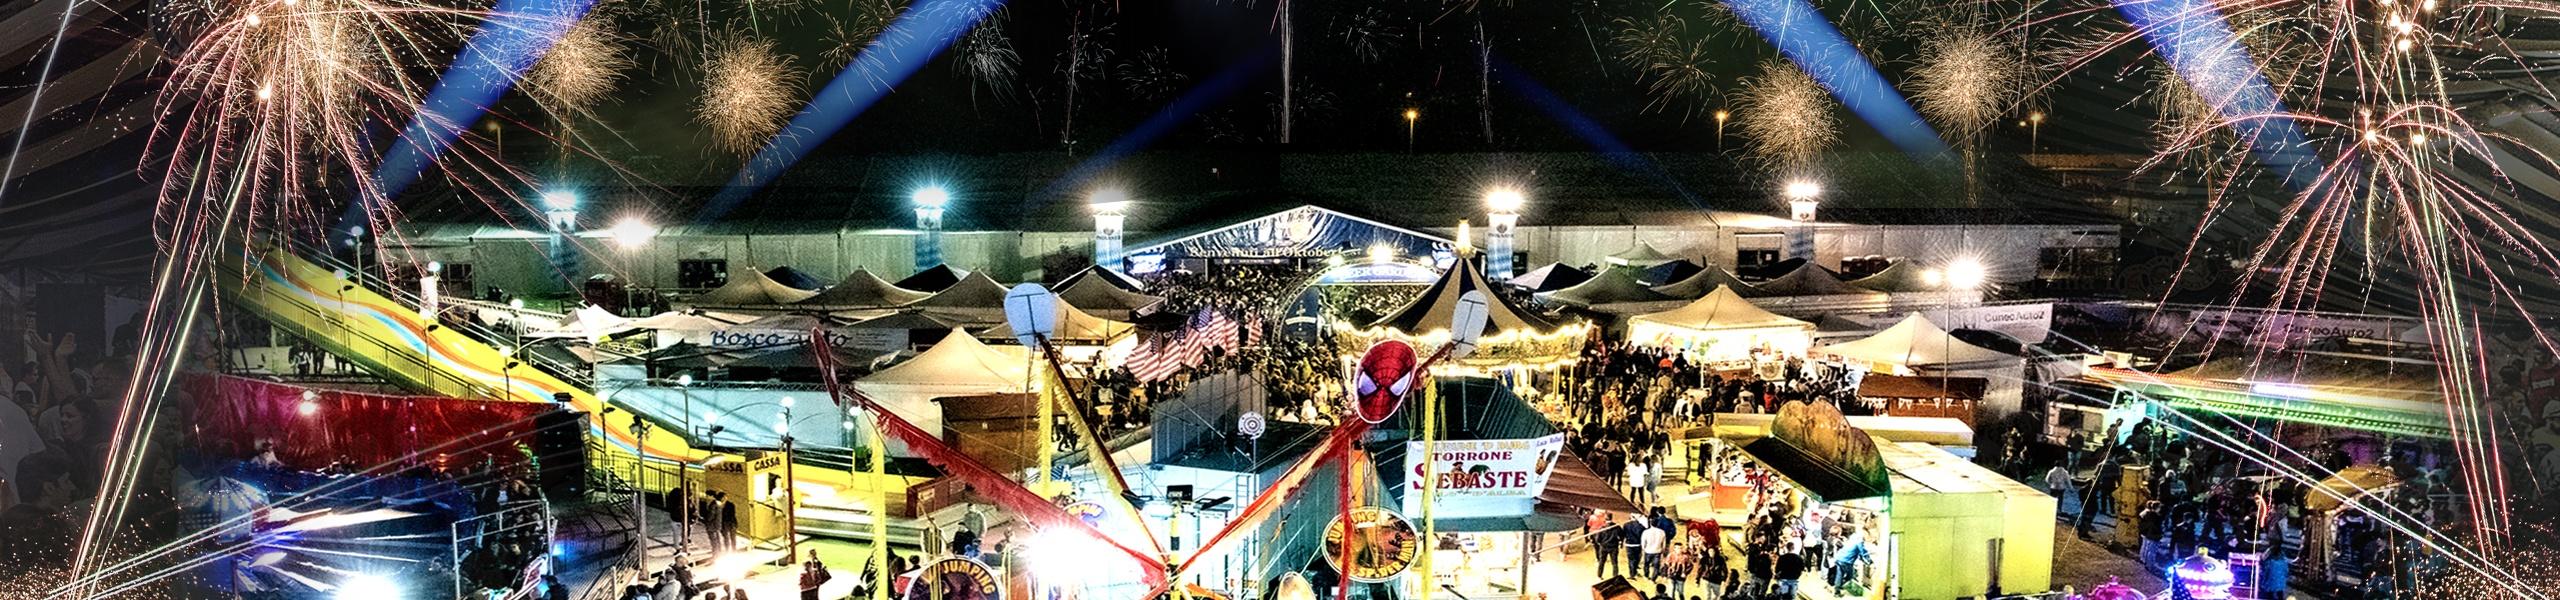 Paulaner Oktoberfest Cuneo 2019: una festa per tutti, tutto in una festa!